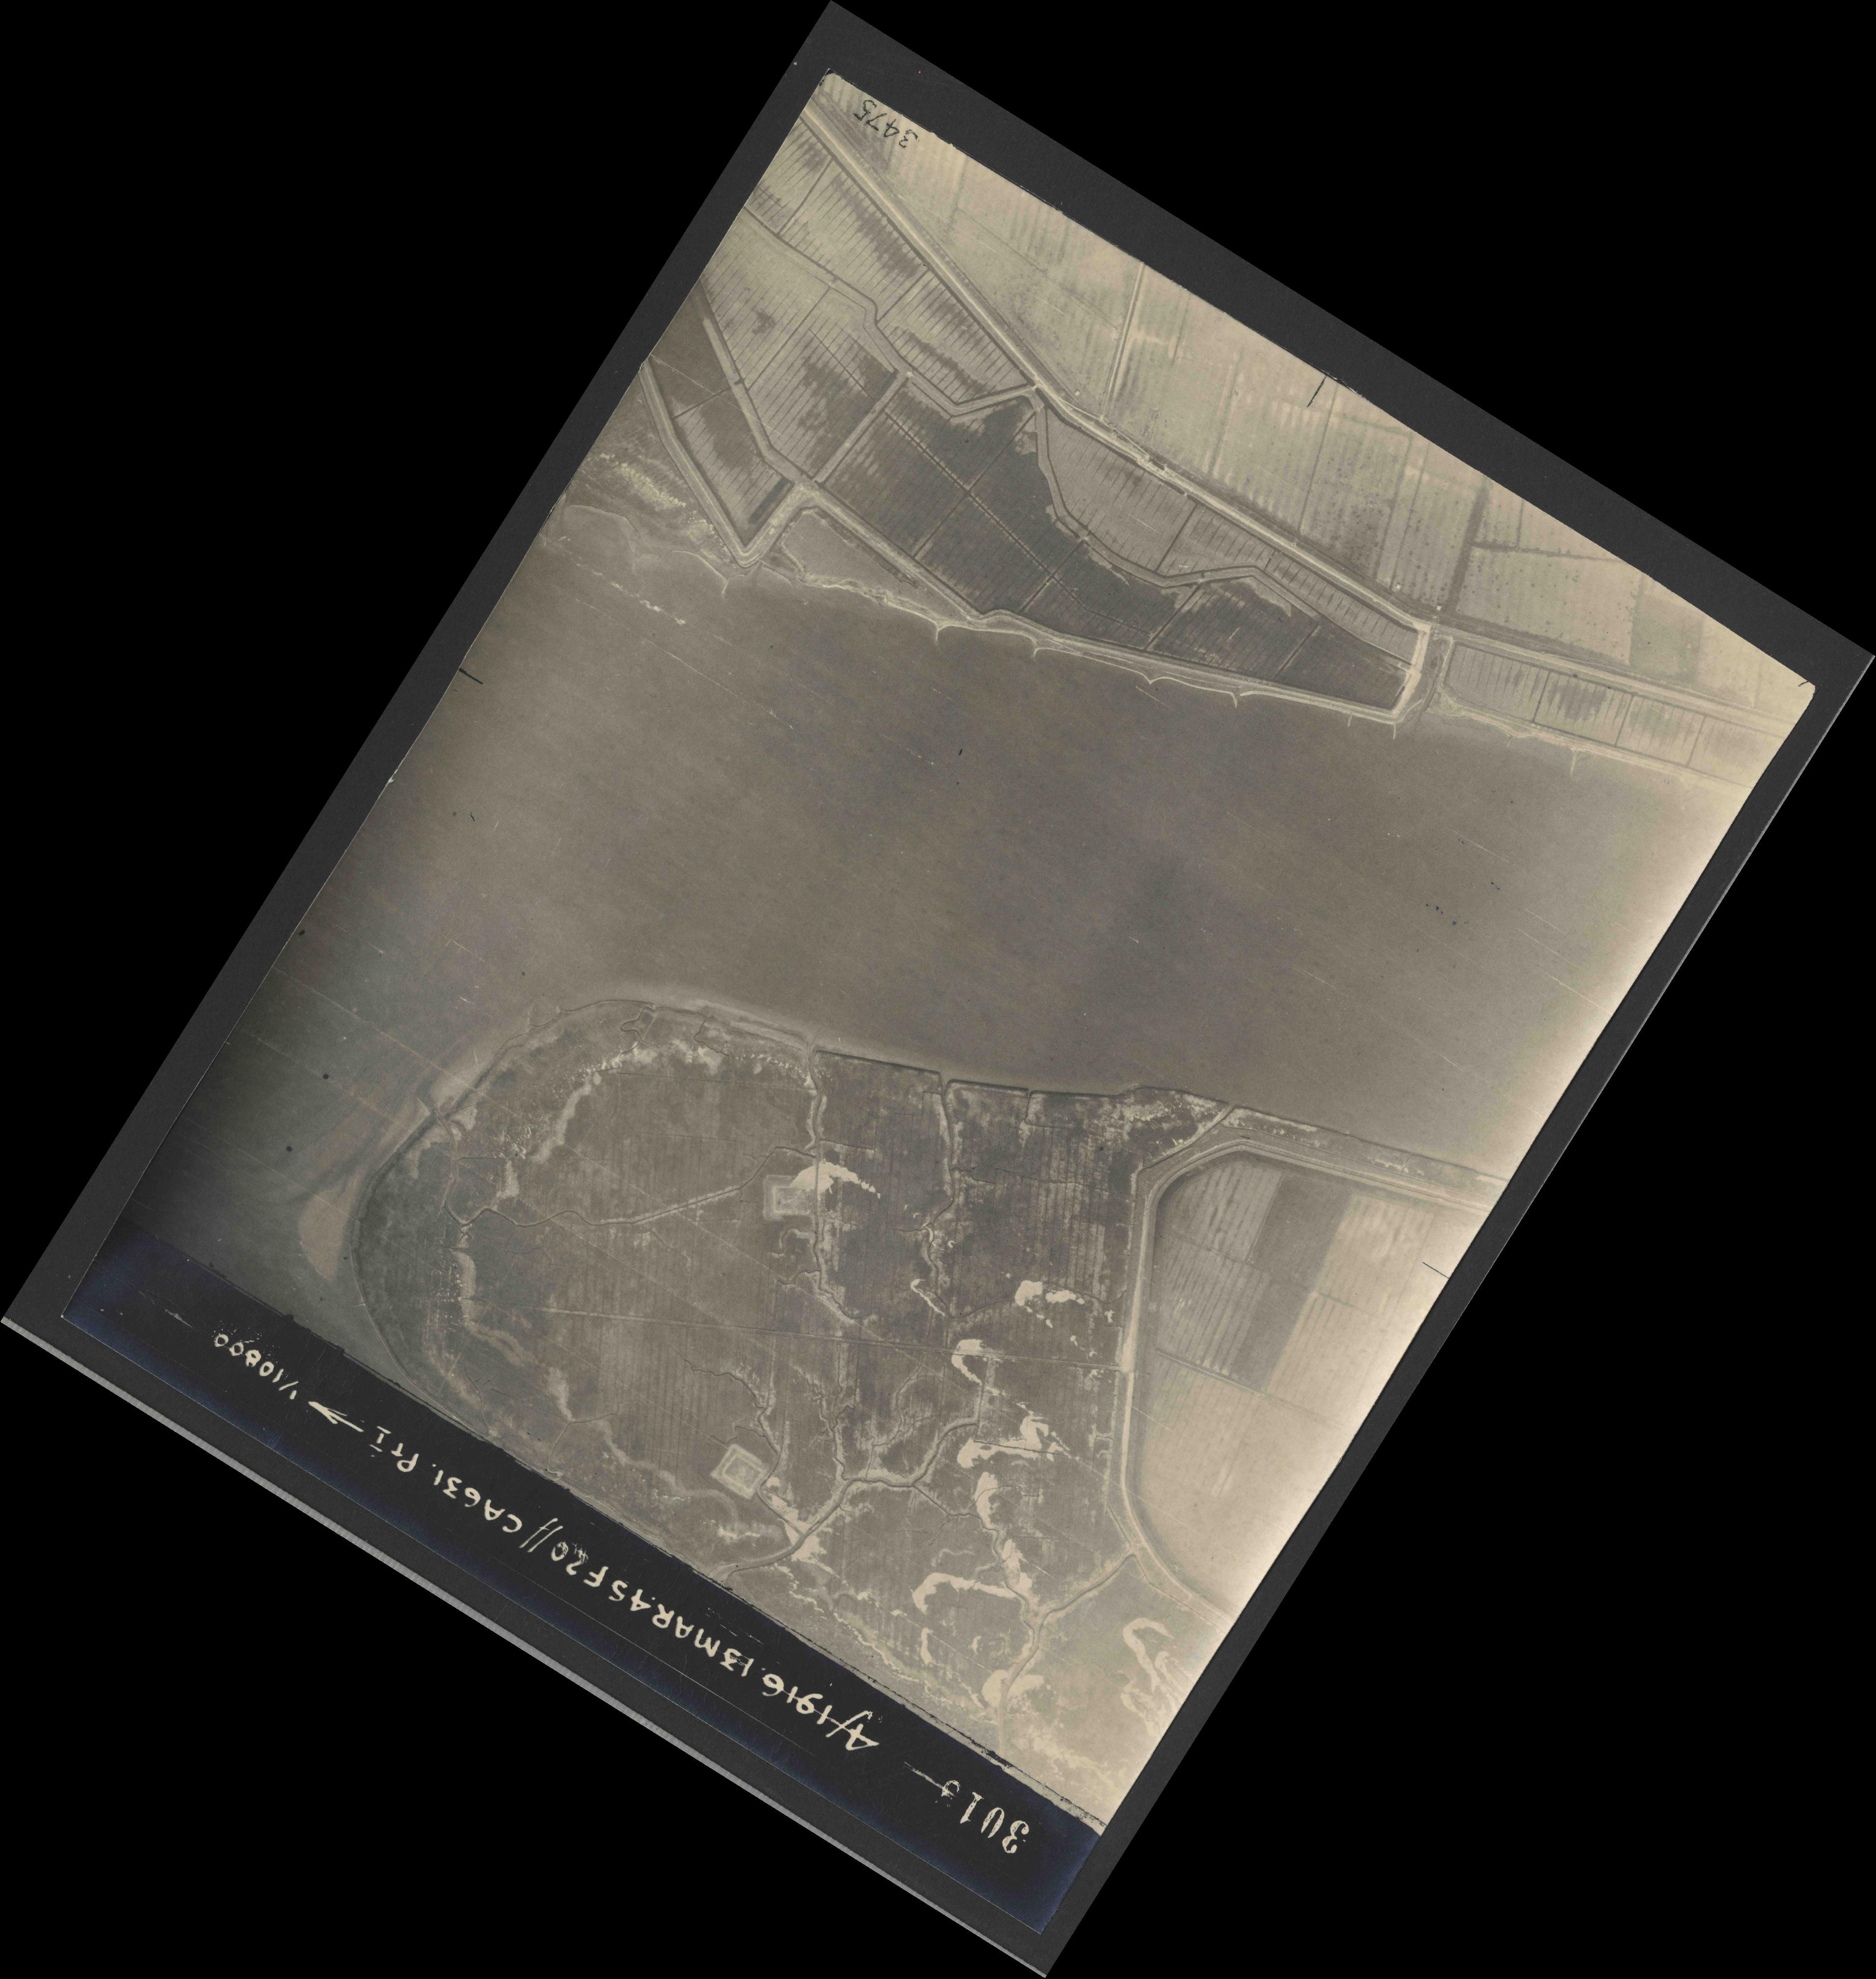 Collection RAF aerial photos 1940-1945 - flight 085, run 06, photo 3018